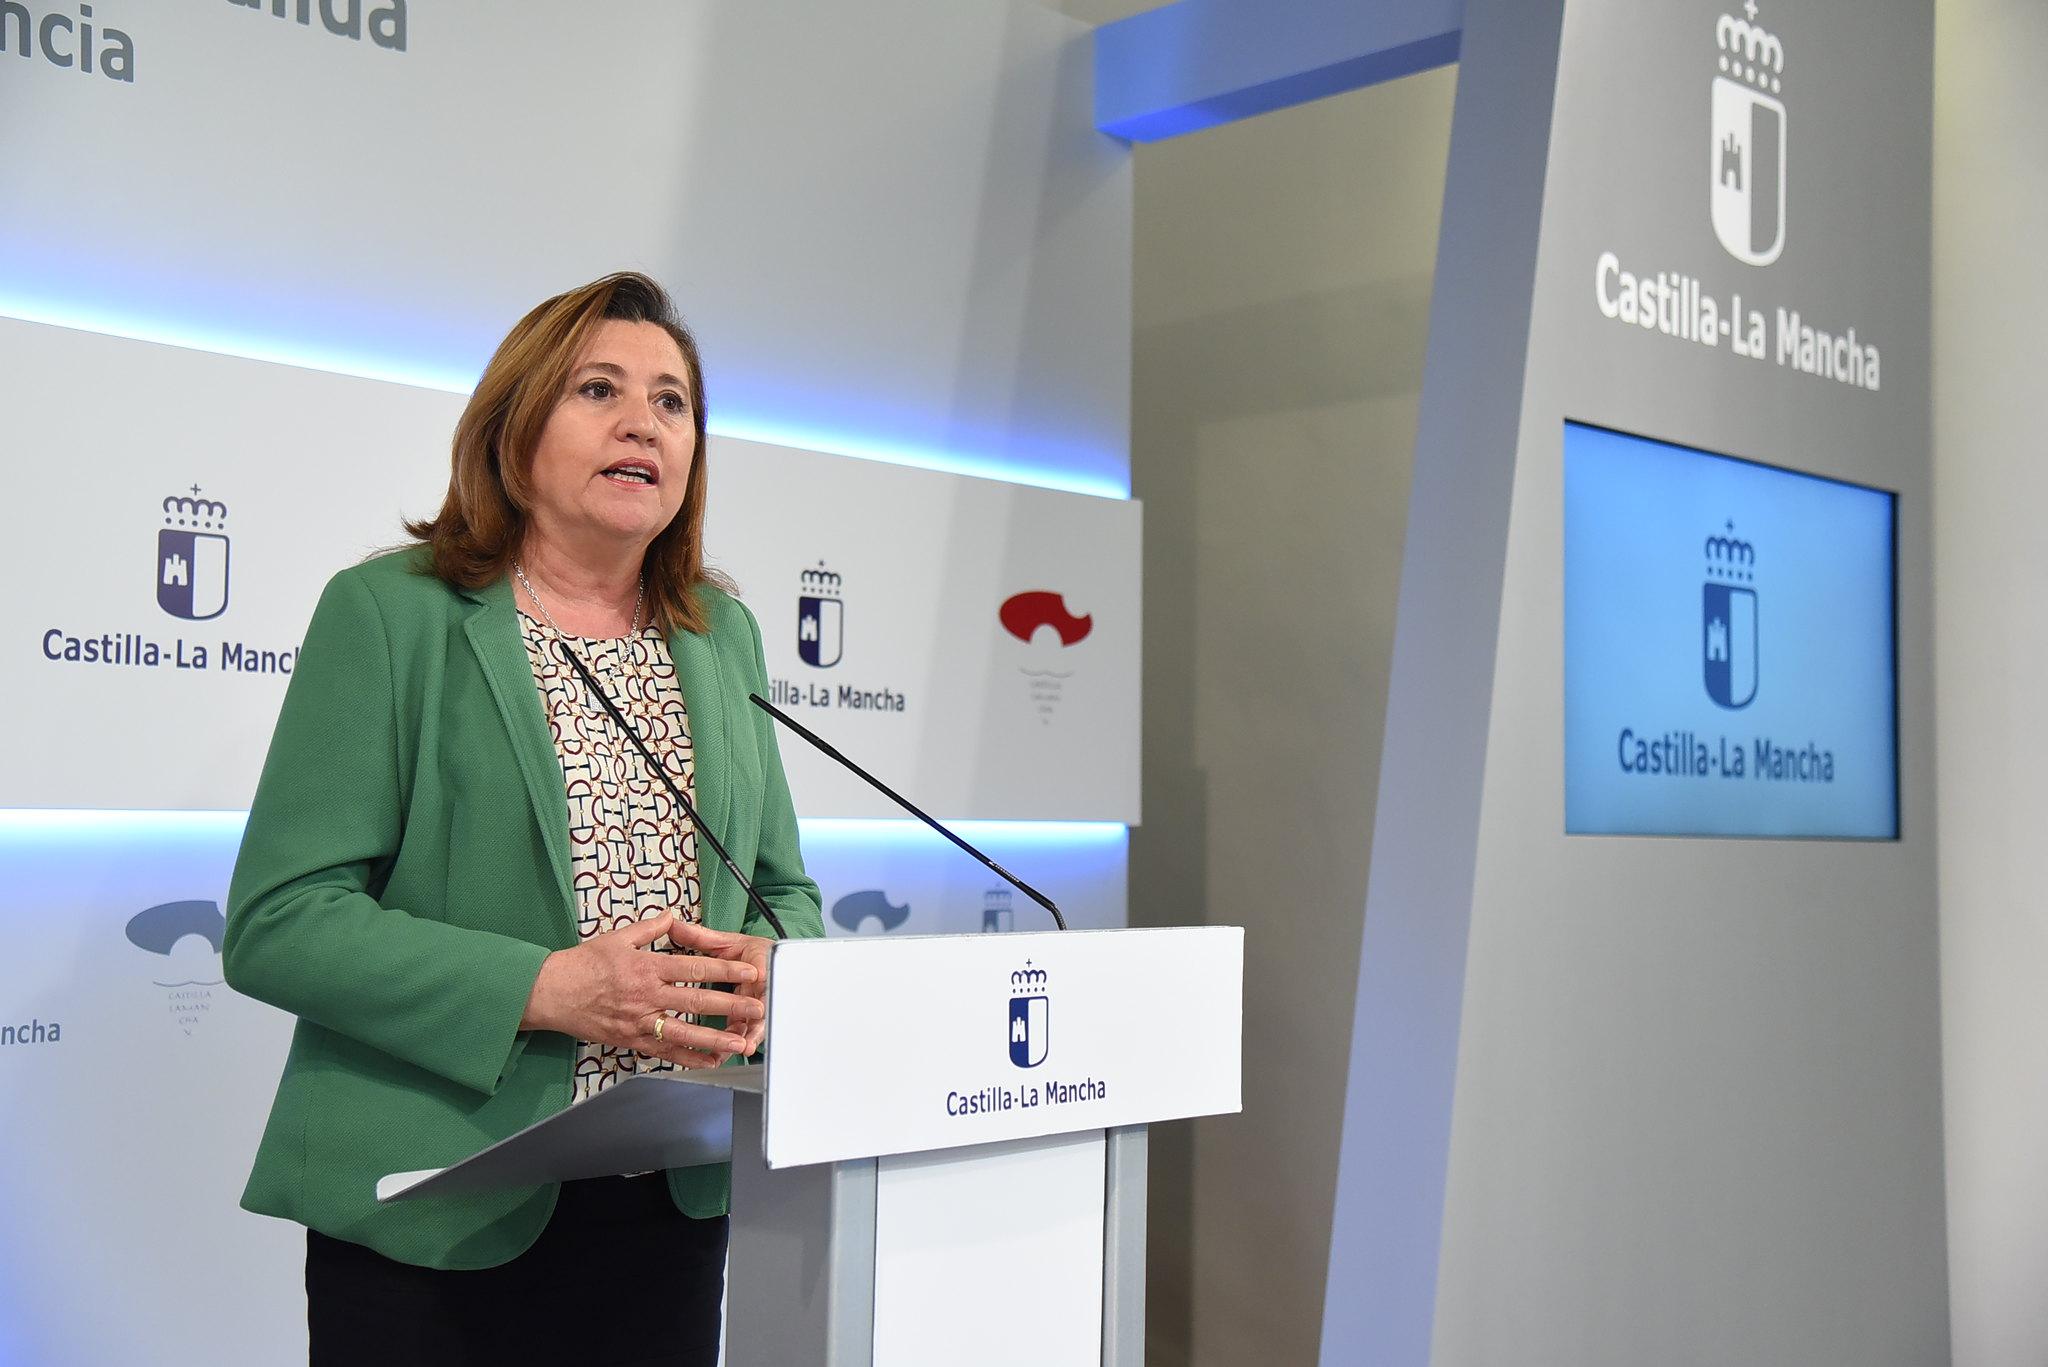 El Gobierno regional incrementará el número de institutos en los que se celebrará la EvAU para mantener el distanciamiento social recomendado por Sanidad